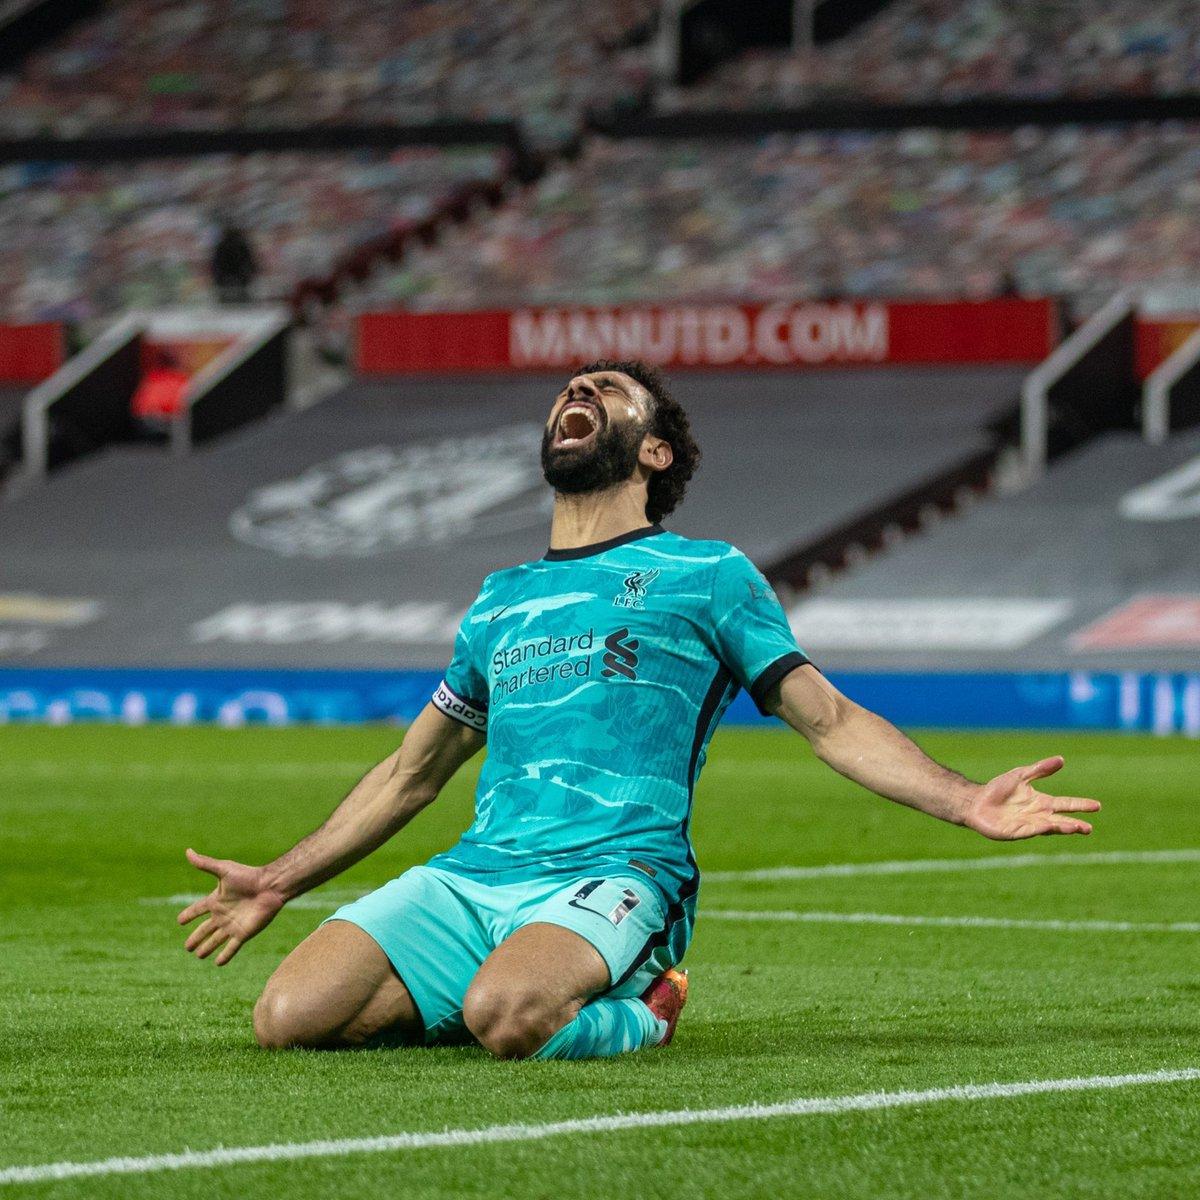 محمد صلاح يسجل +٣٠ هدف مع ليفربول في جميع